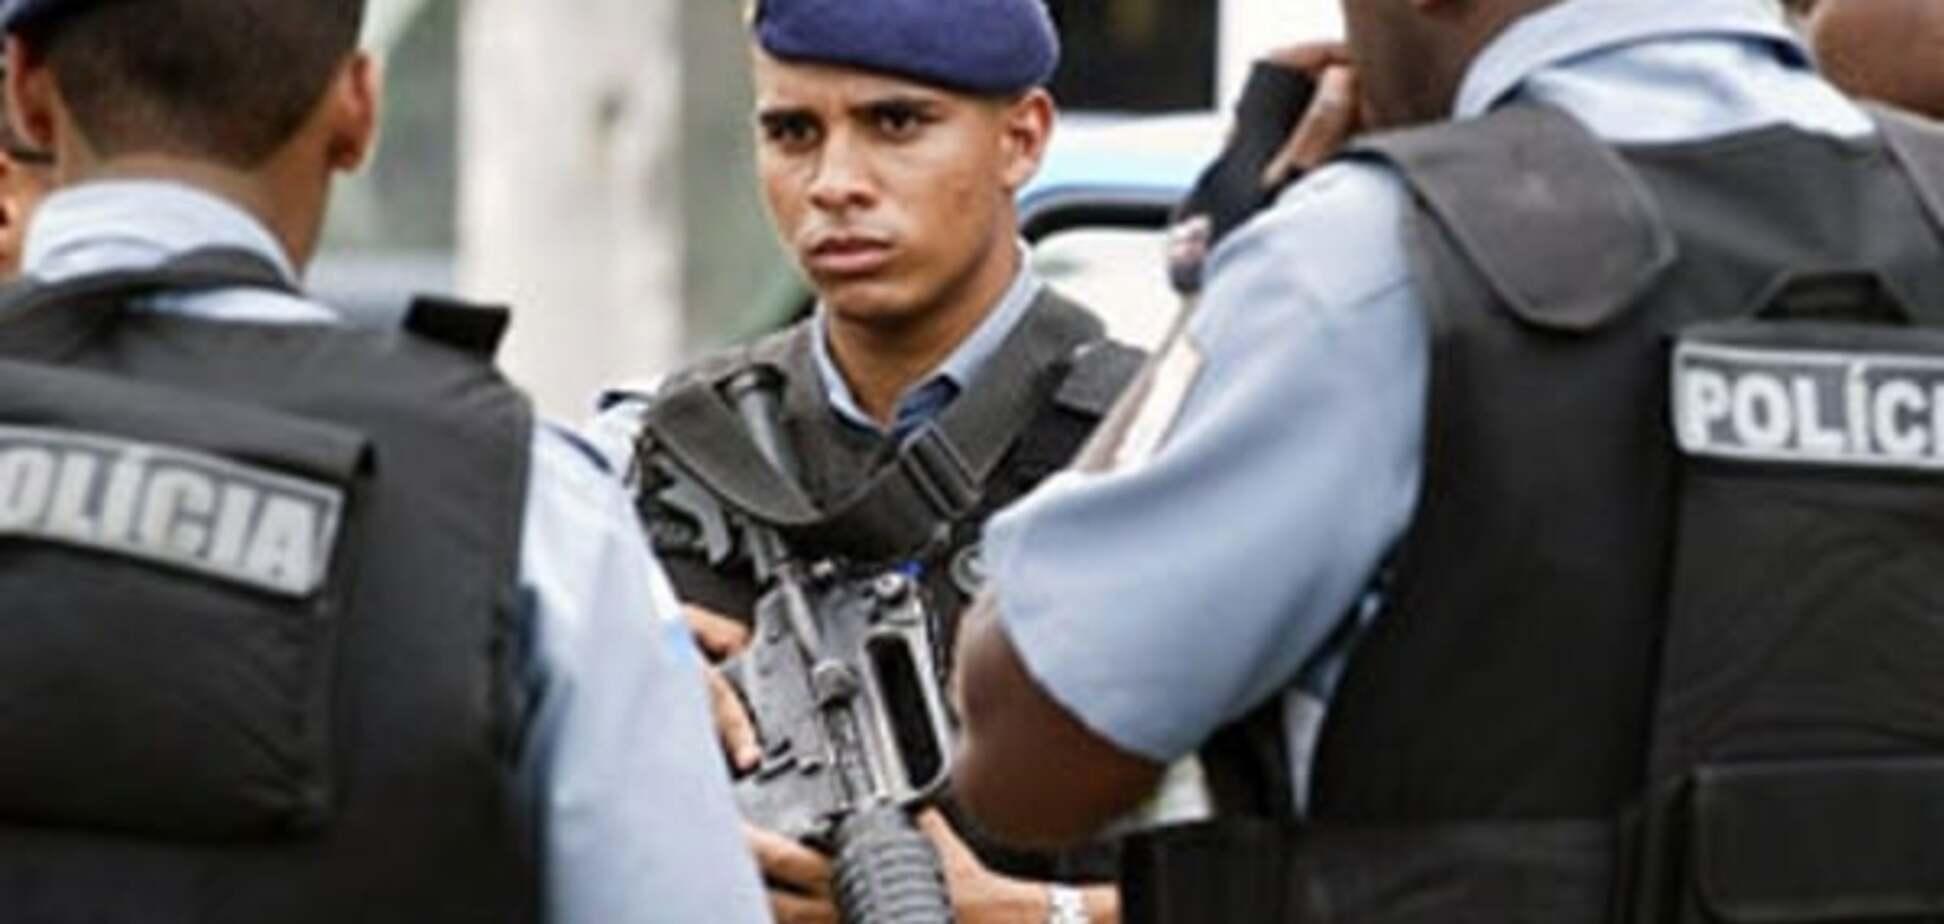 """В Бельгии неизвестный с криками """"Аллах акбар"""" изрезал мачете полицейских. Источник: Рамблер"""